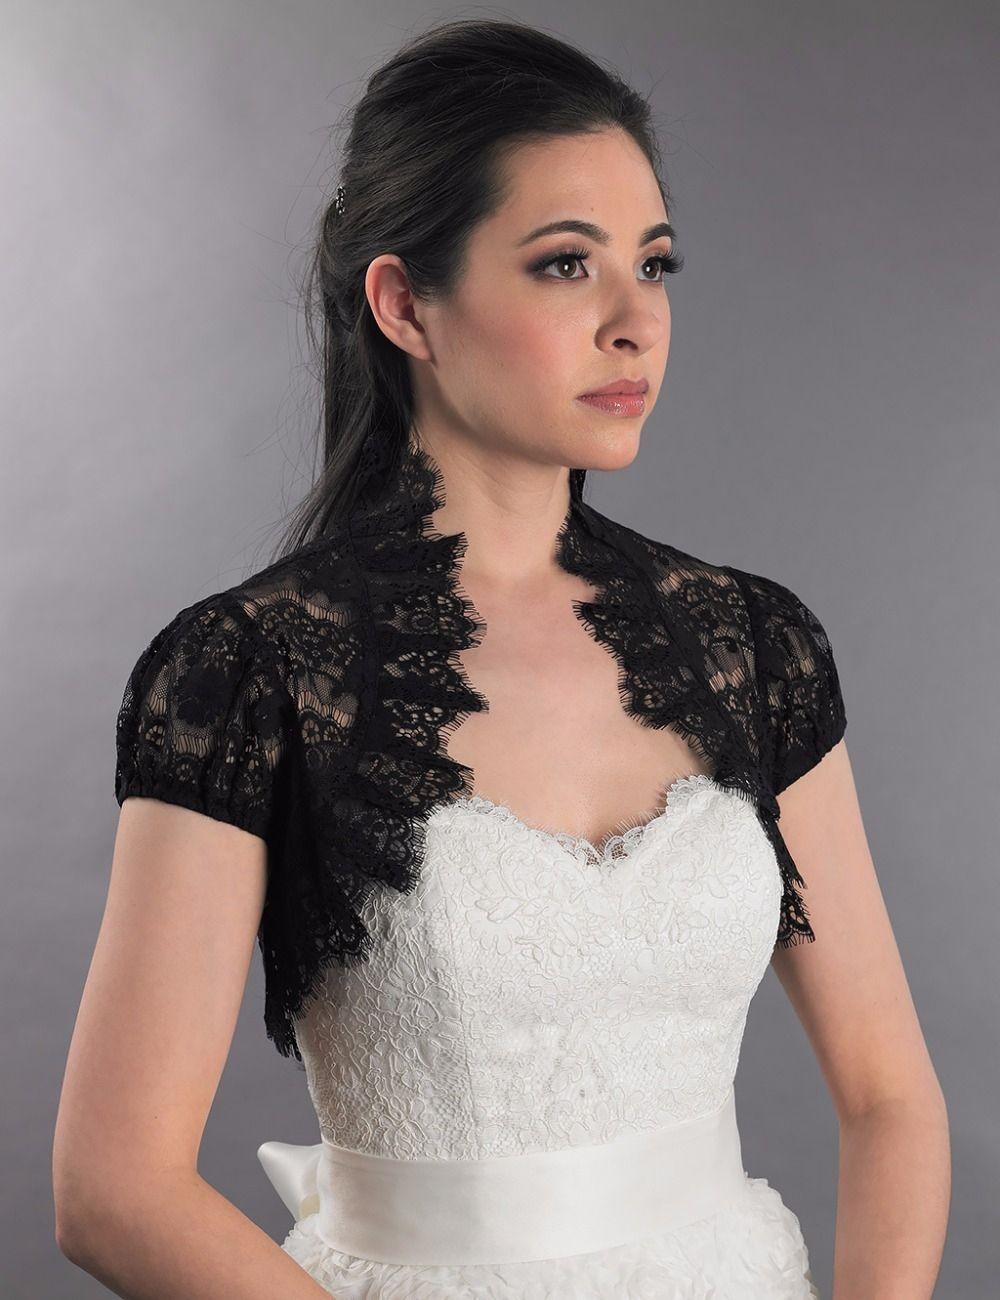 Chaqueta para vestido negro de boda